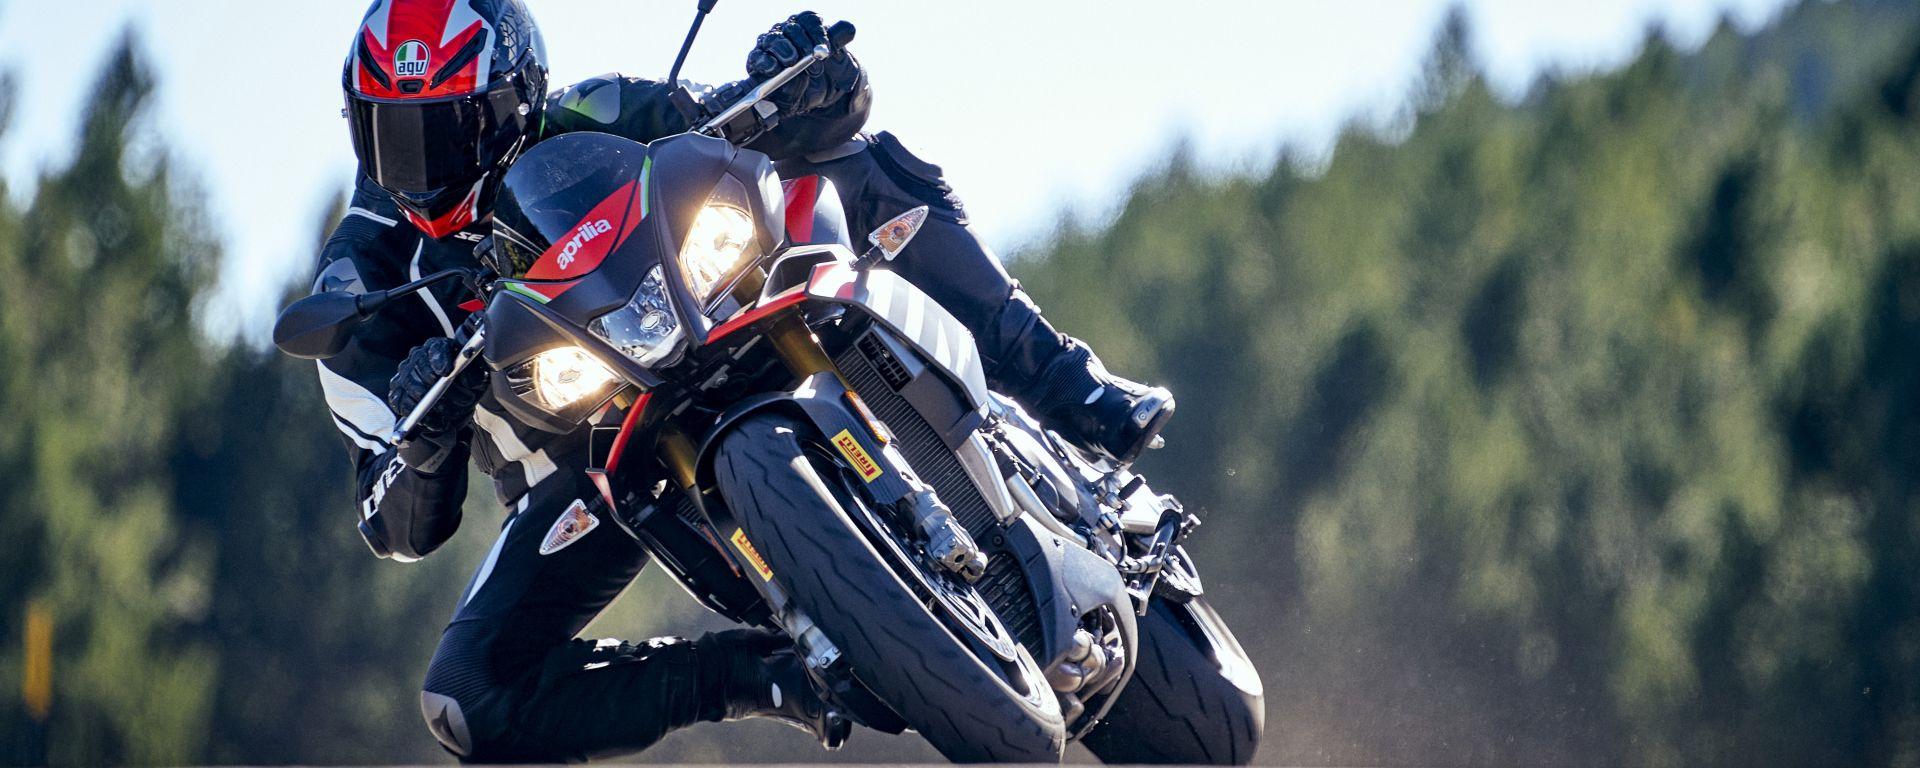 Le Pirelli Diablo Rosso IV su Aprilia Tuono V4